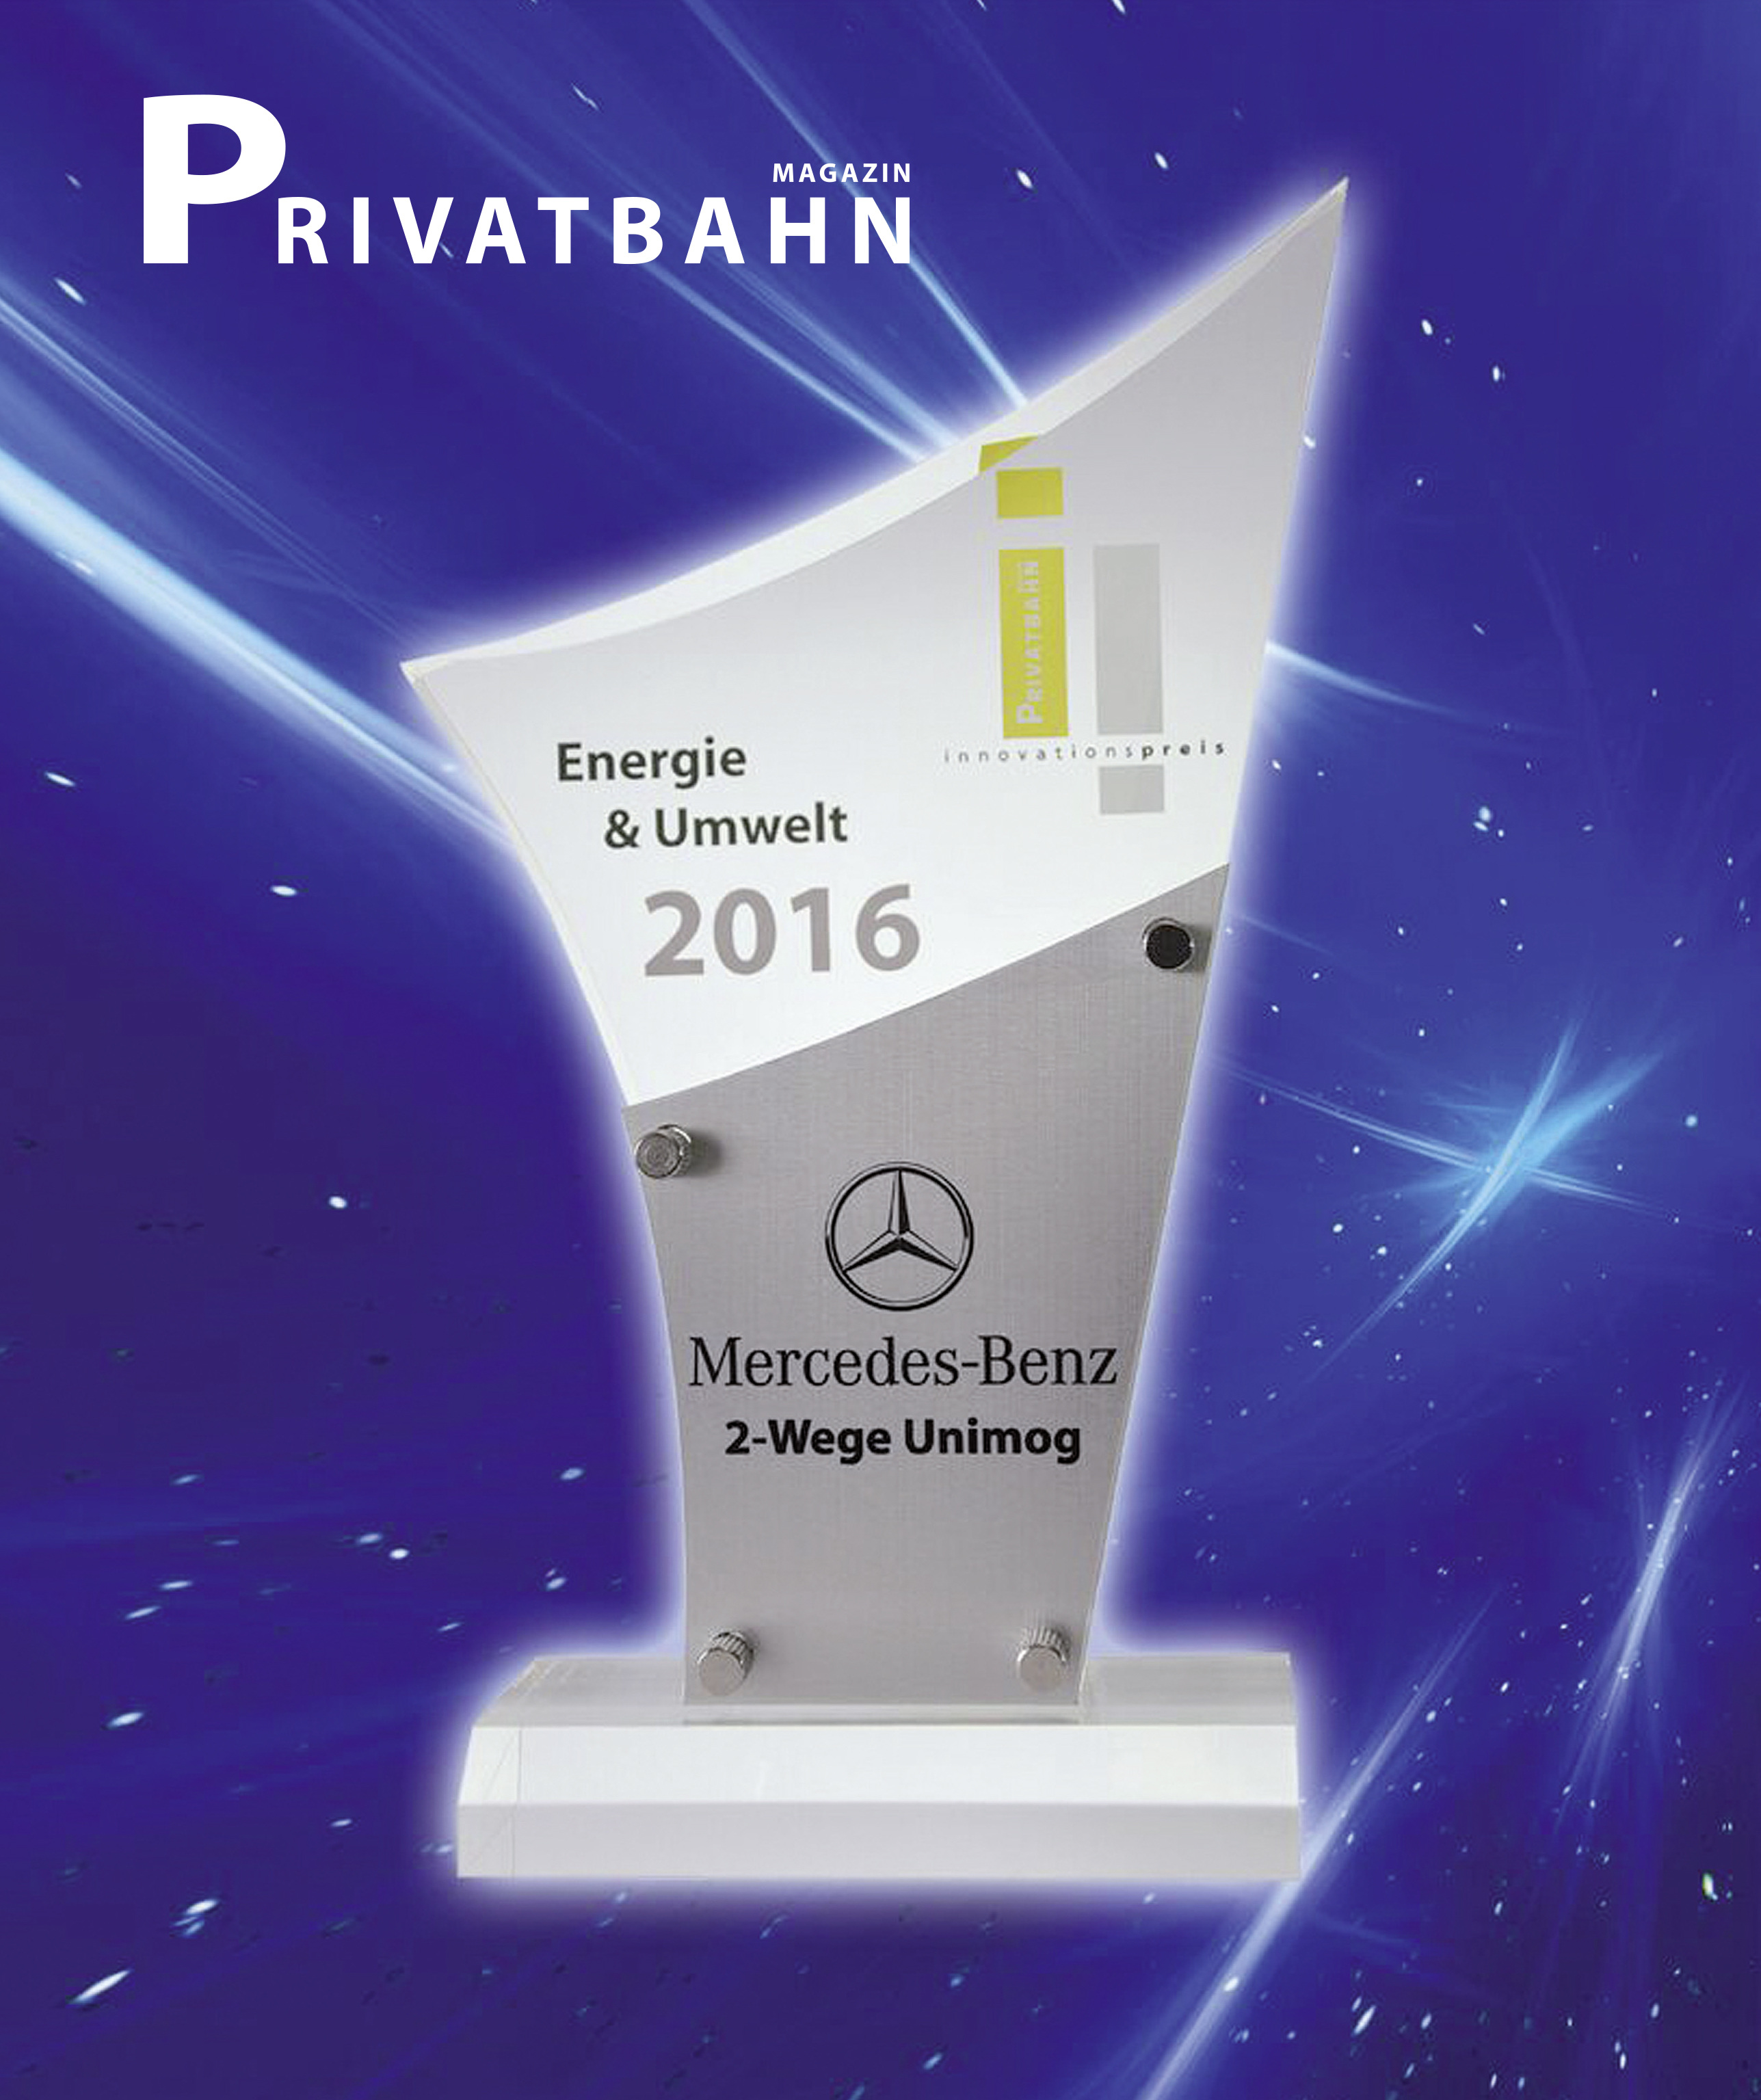 Die Trophäe des Privatbahn Magazins für den Mercedes-Benz Unimog U 423 als 2-Wege-Version.